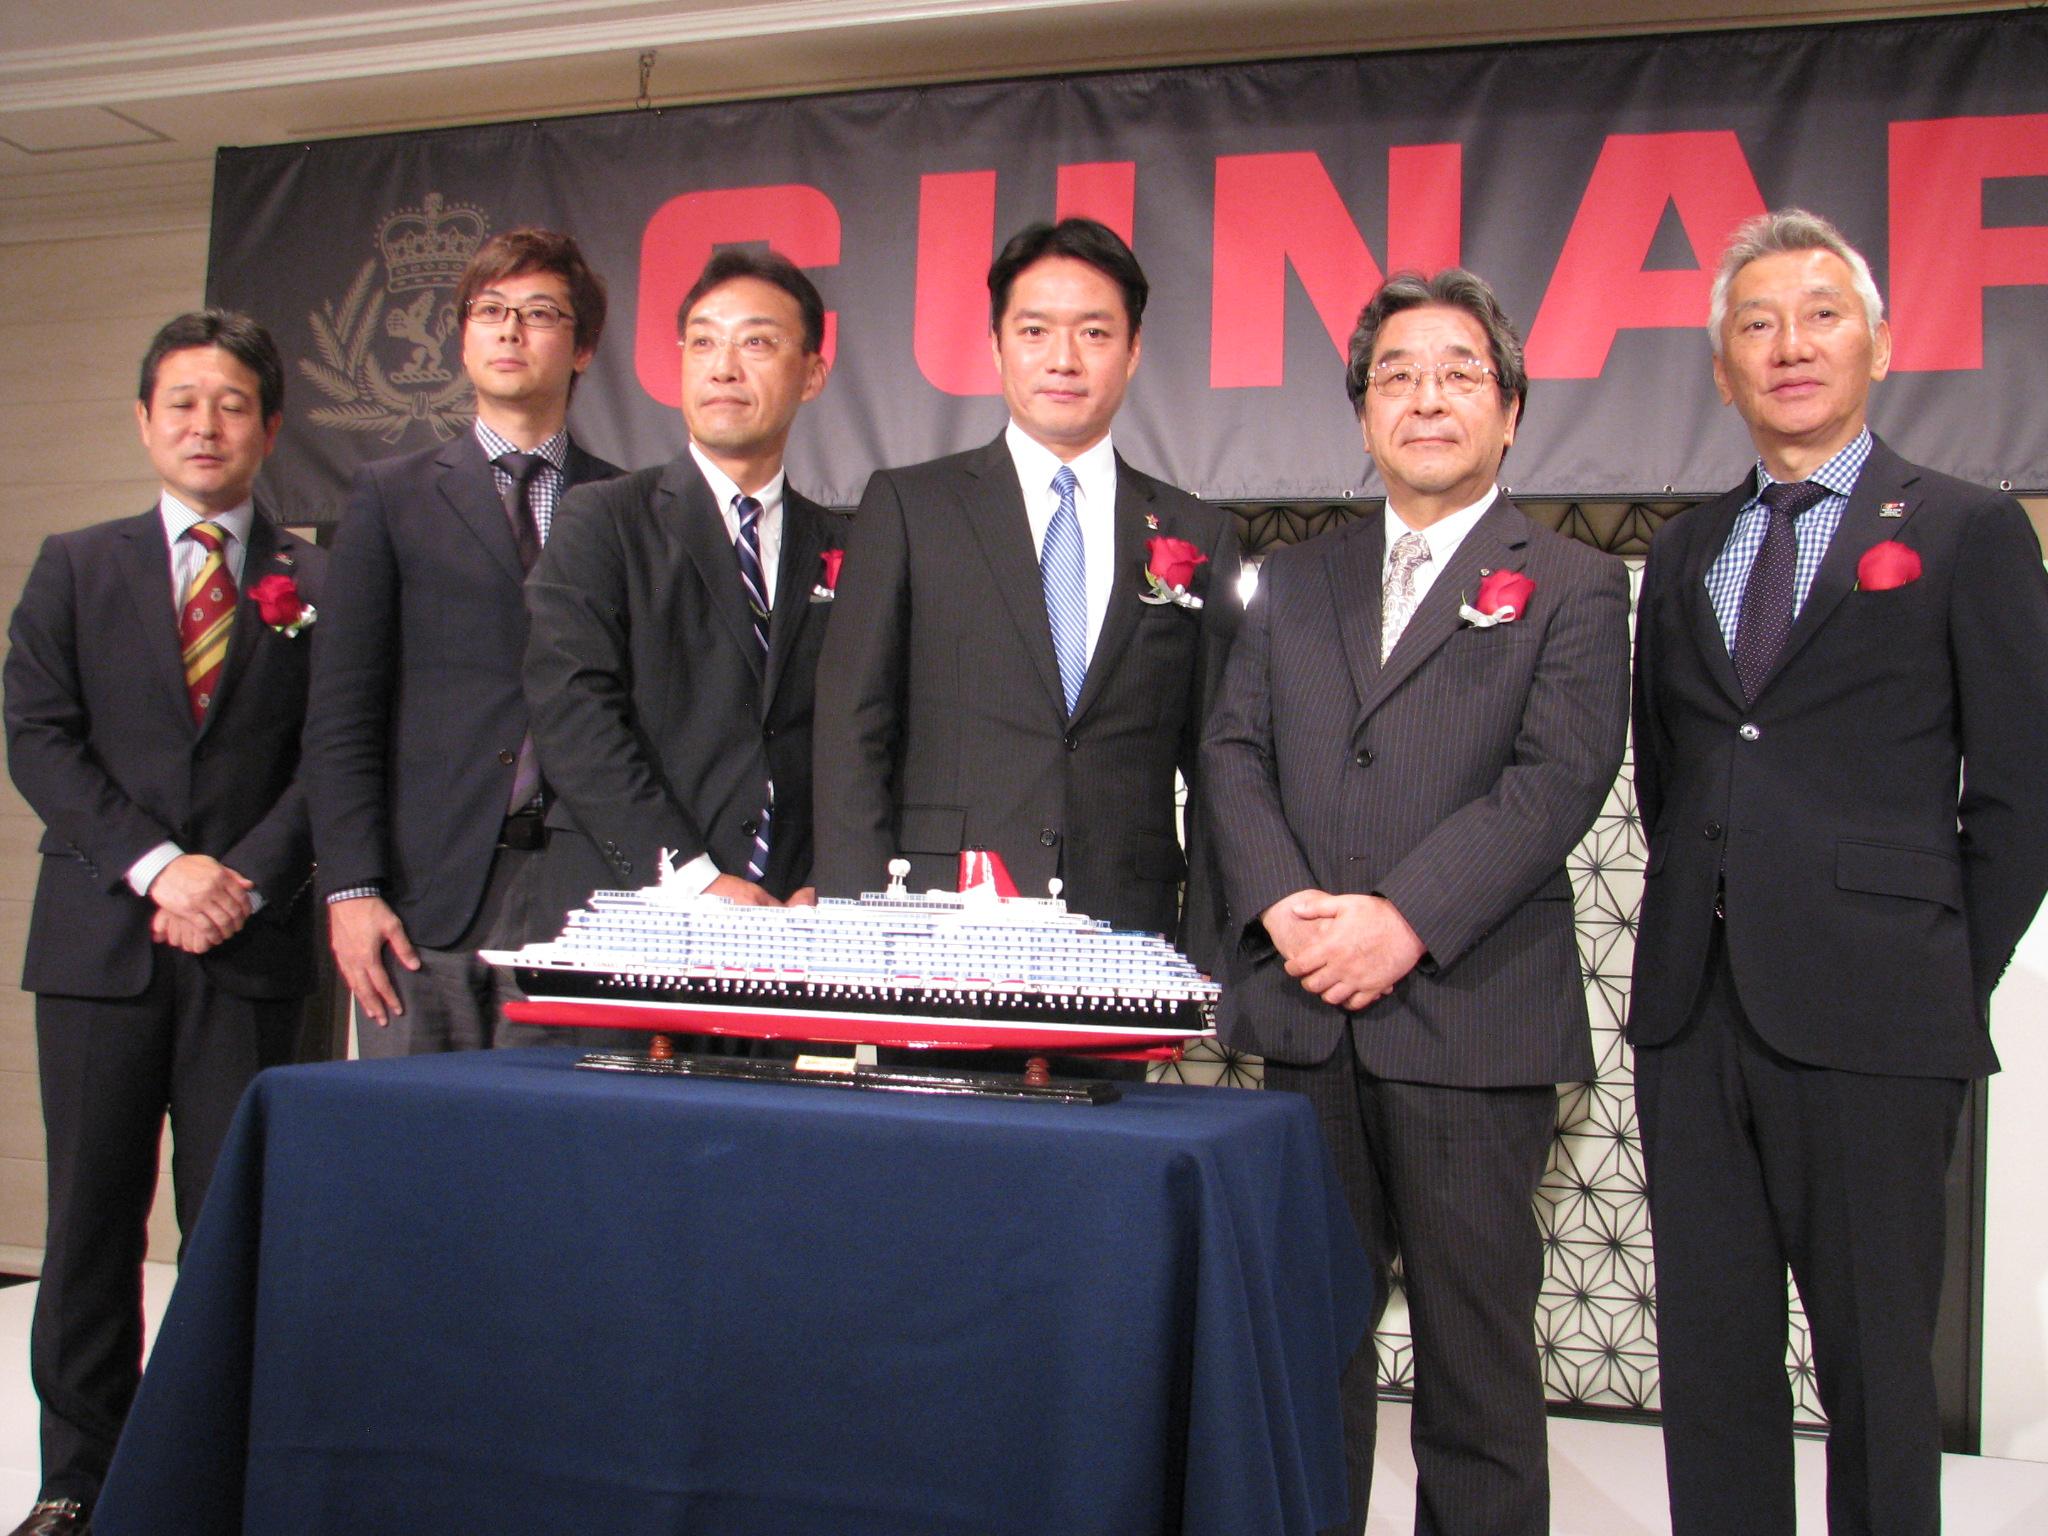 豪華客船クイーン・エリザベス、2018年は大阪発着7泊8日の区間クルーズ提供、高知に初寄港